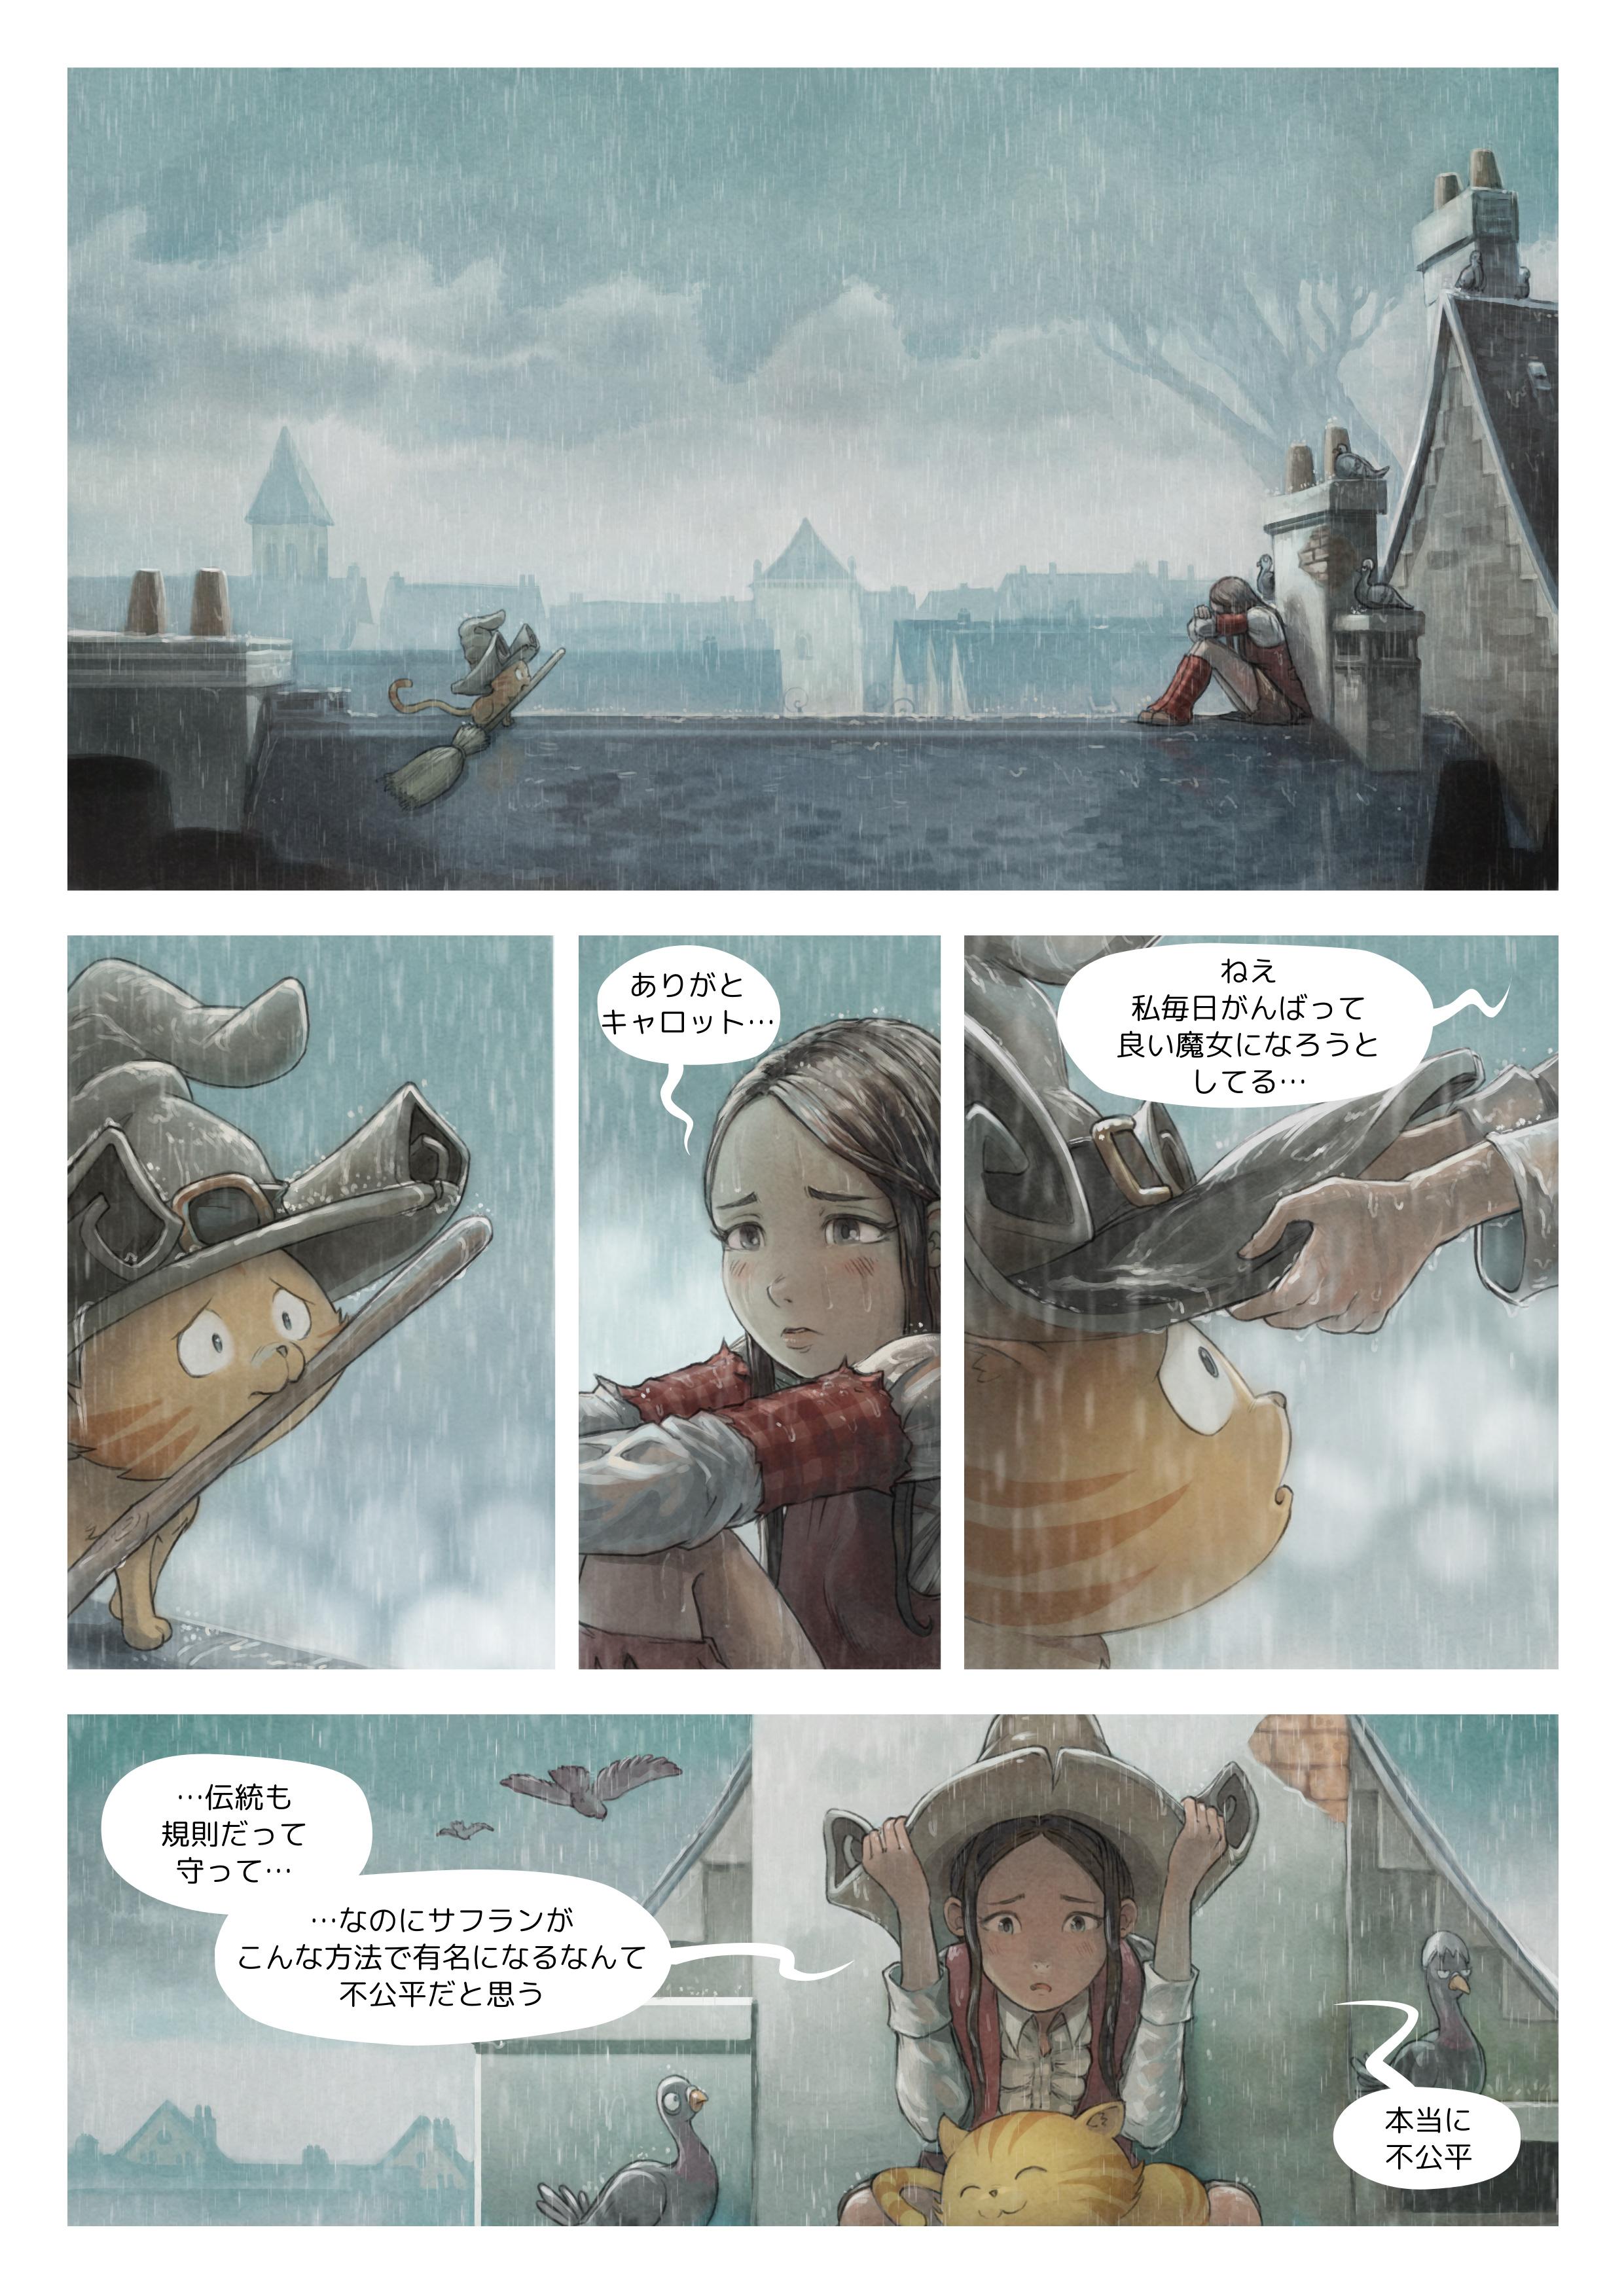 エピソード 23: 幸運をつかむ, ページ 2